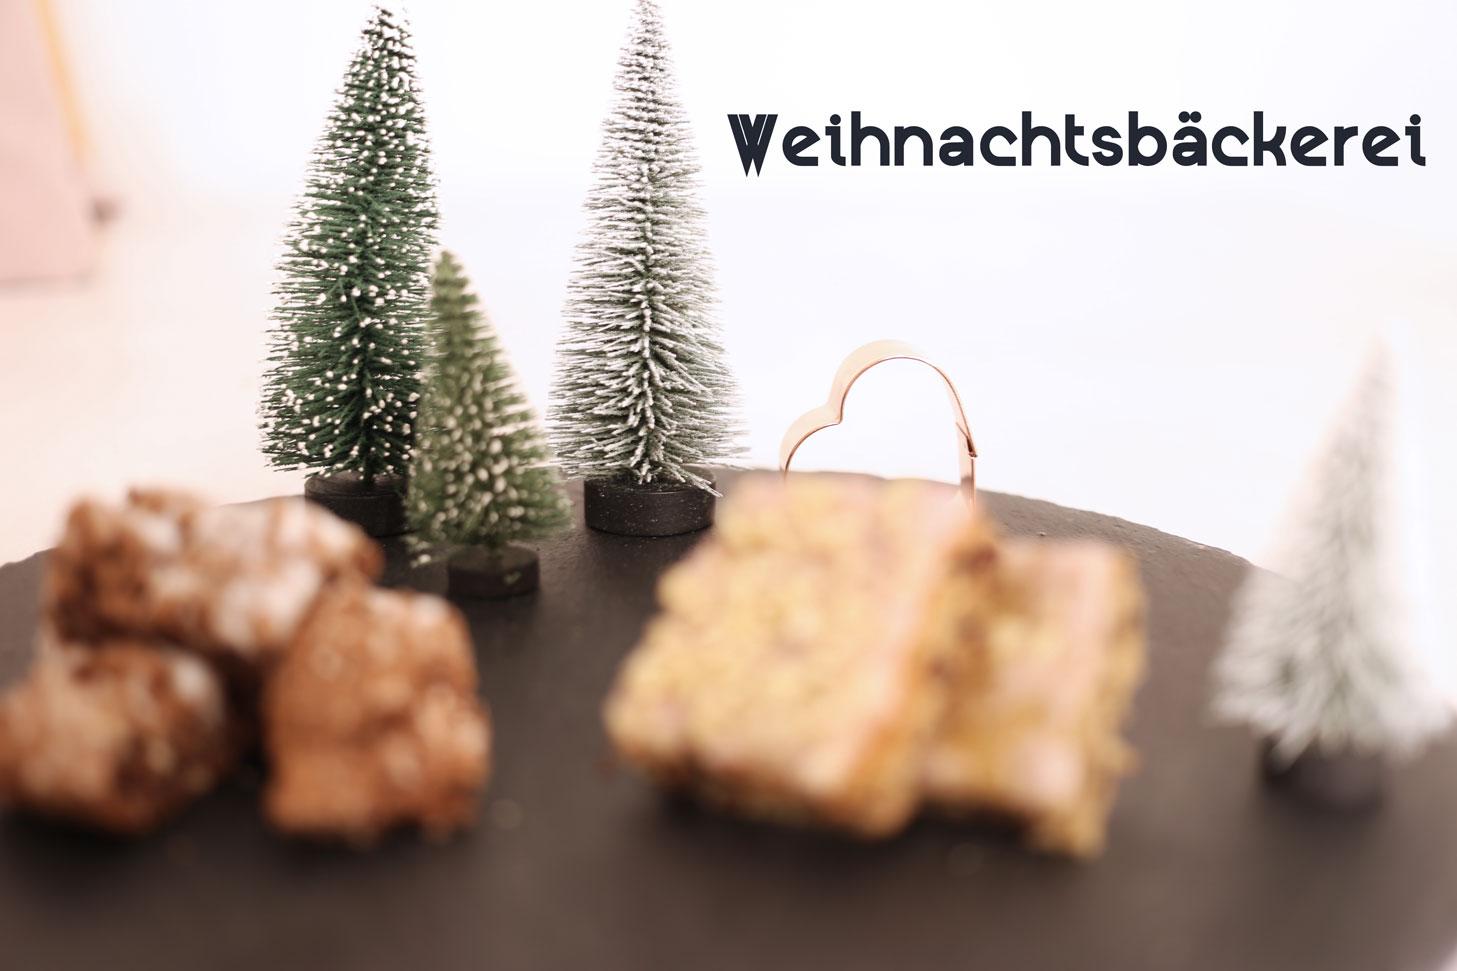 Weihnachtsbaeckerei